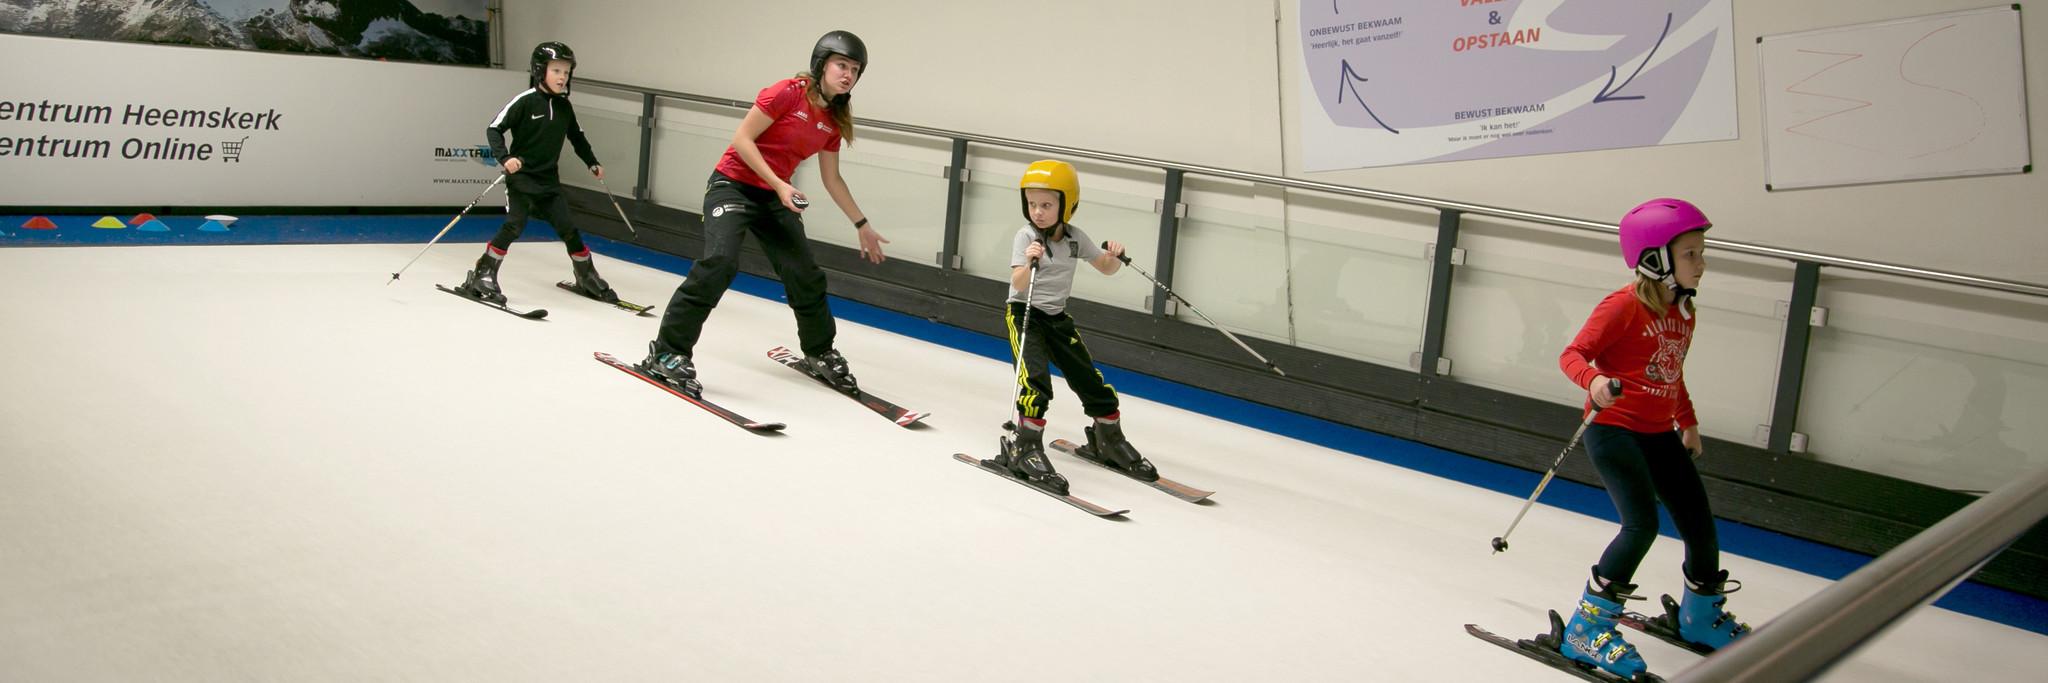 Kinderen krijgen skiles op de indoorrolbaan bij Skicentrum Heemskerk